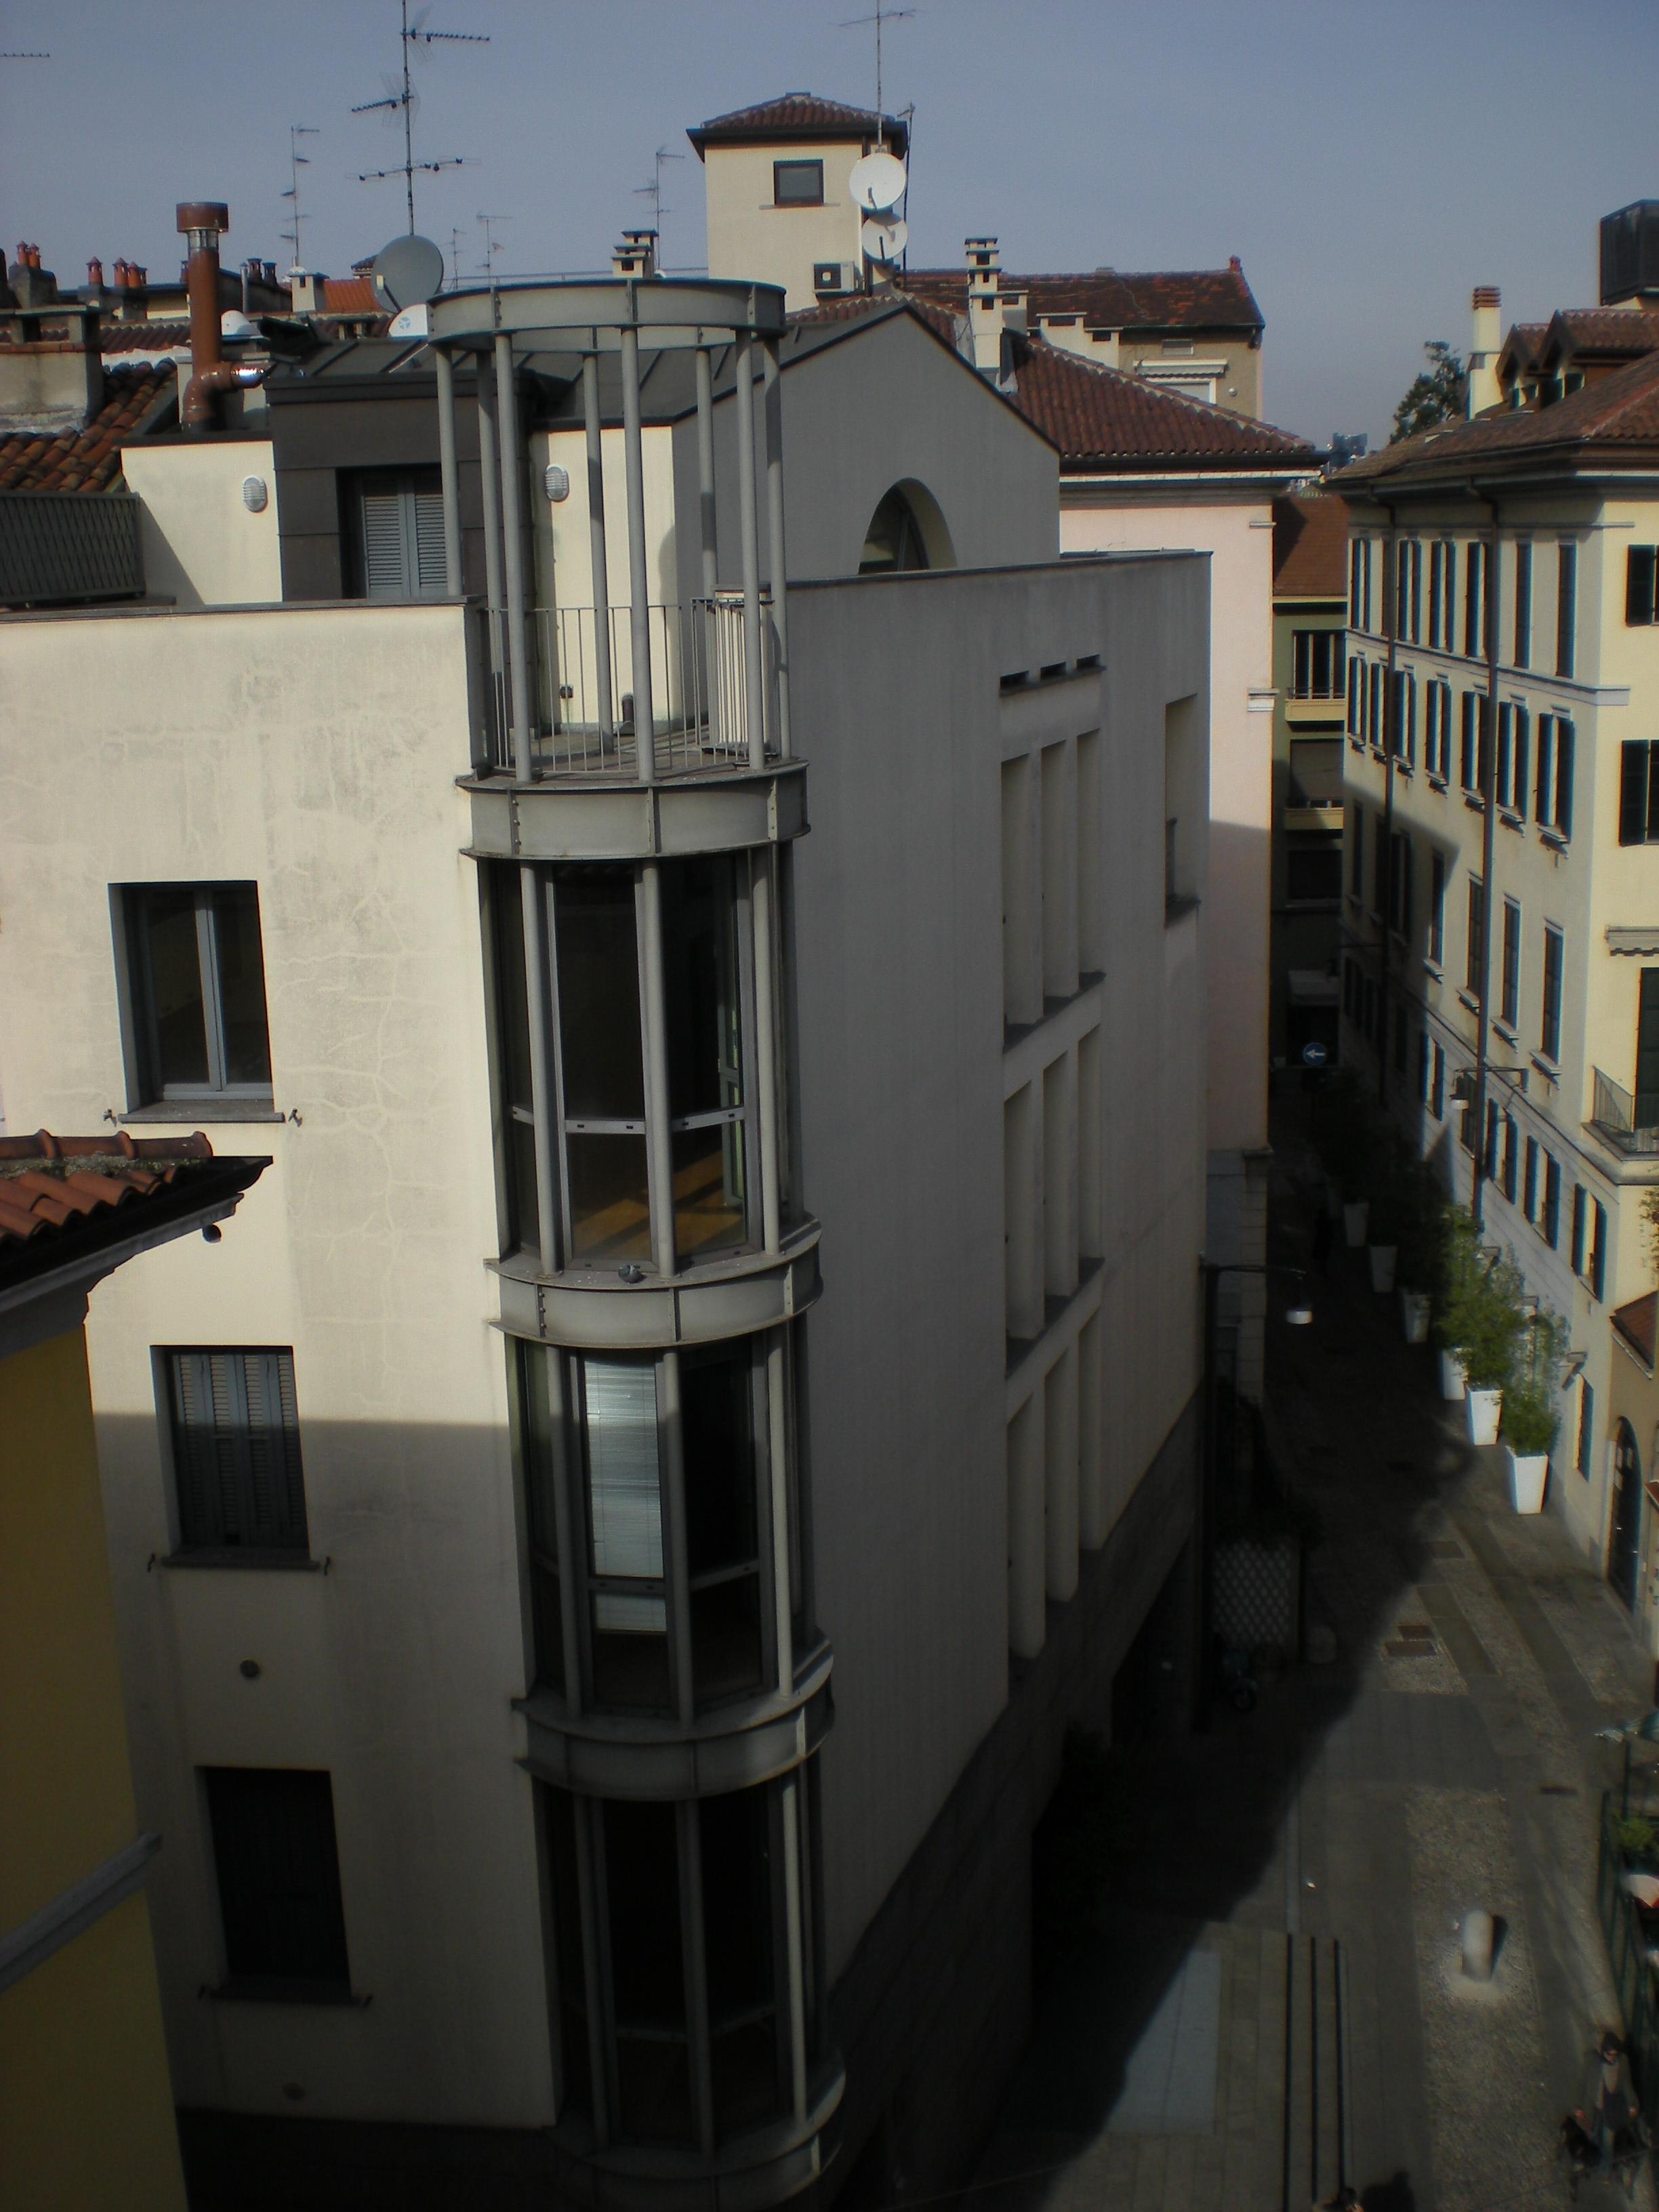 Fiori Chiari 9.Sito In Via Fiori Chiari 9 Milano Andrea Fiorentini